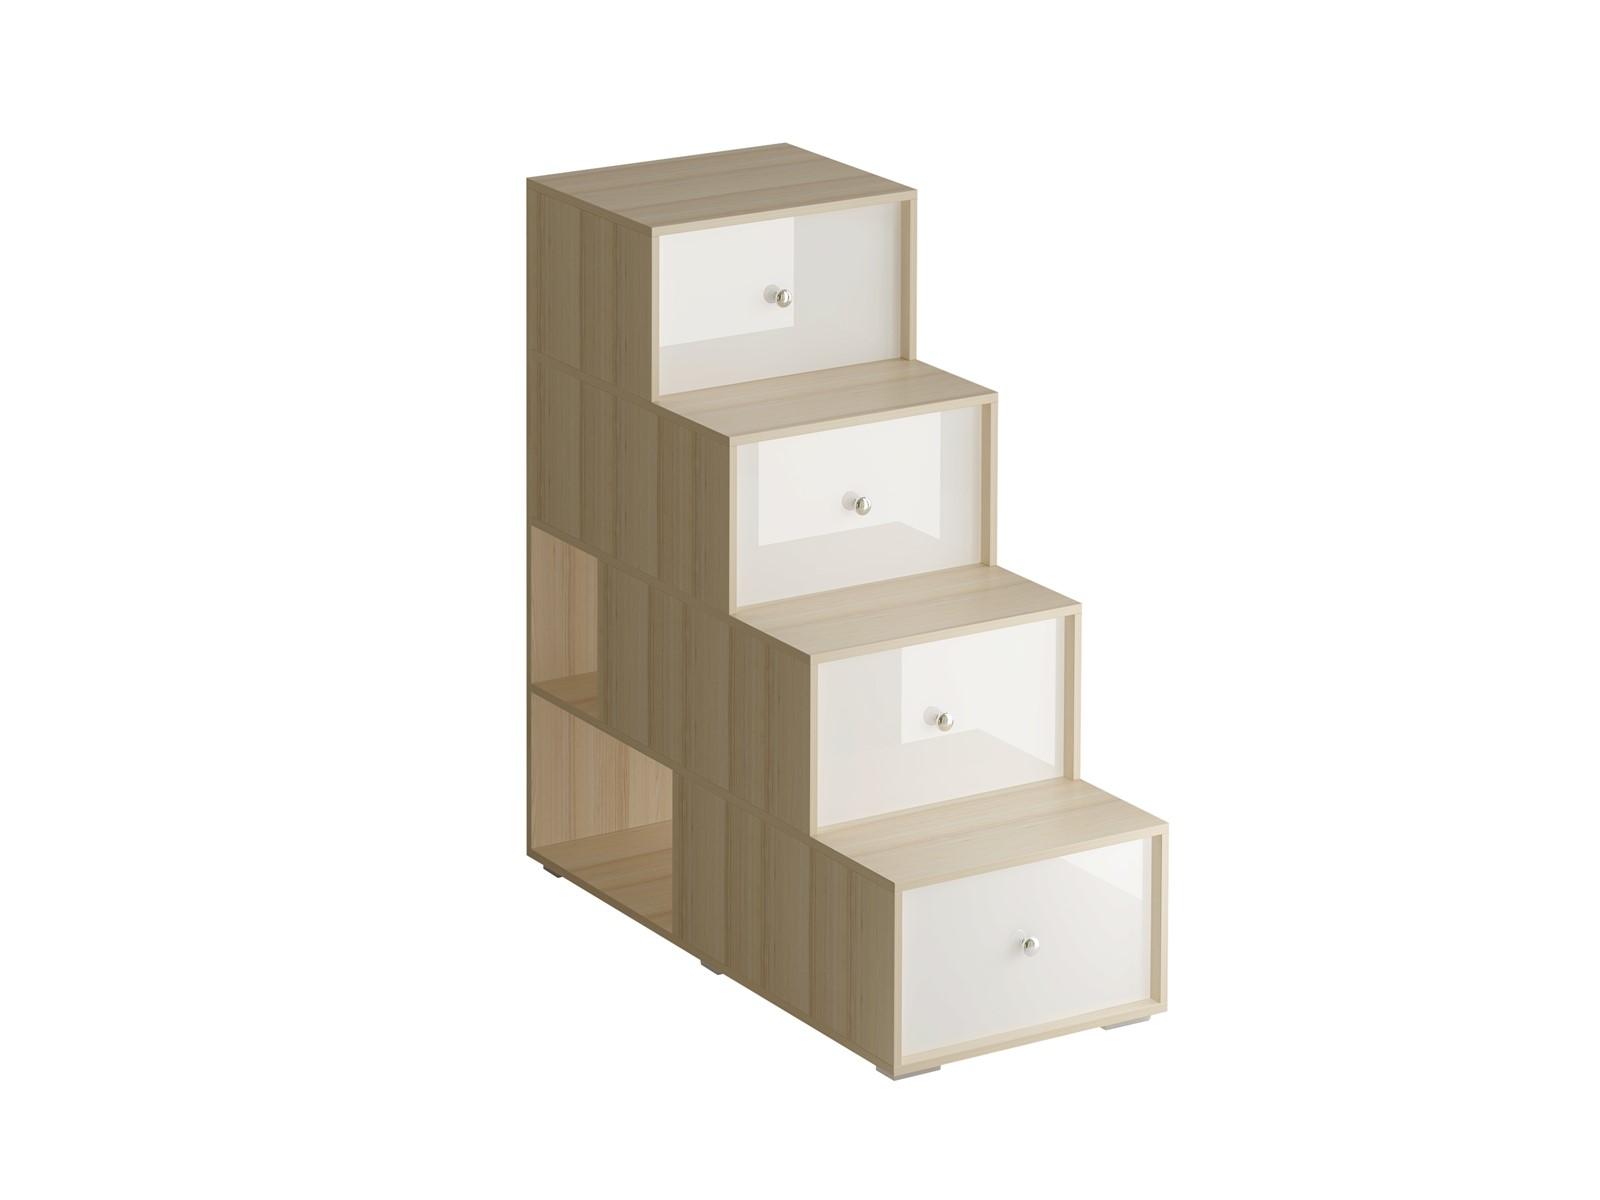 Лестница-комод PlayИнтерьерные комоды<br>Лестница-комод состоит из четырёх ступенек. Под ступеньками имеются отделения для хранения. Сбоку лестницы есть две открытые полки. Можно устанавливать и слева и справа от кровати.<br><br>Material: ДСП<br>Ширина см: 54<br>Высота см: 120<br>Глубина см: 113